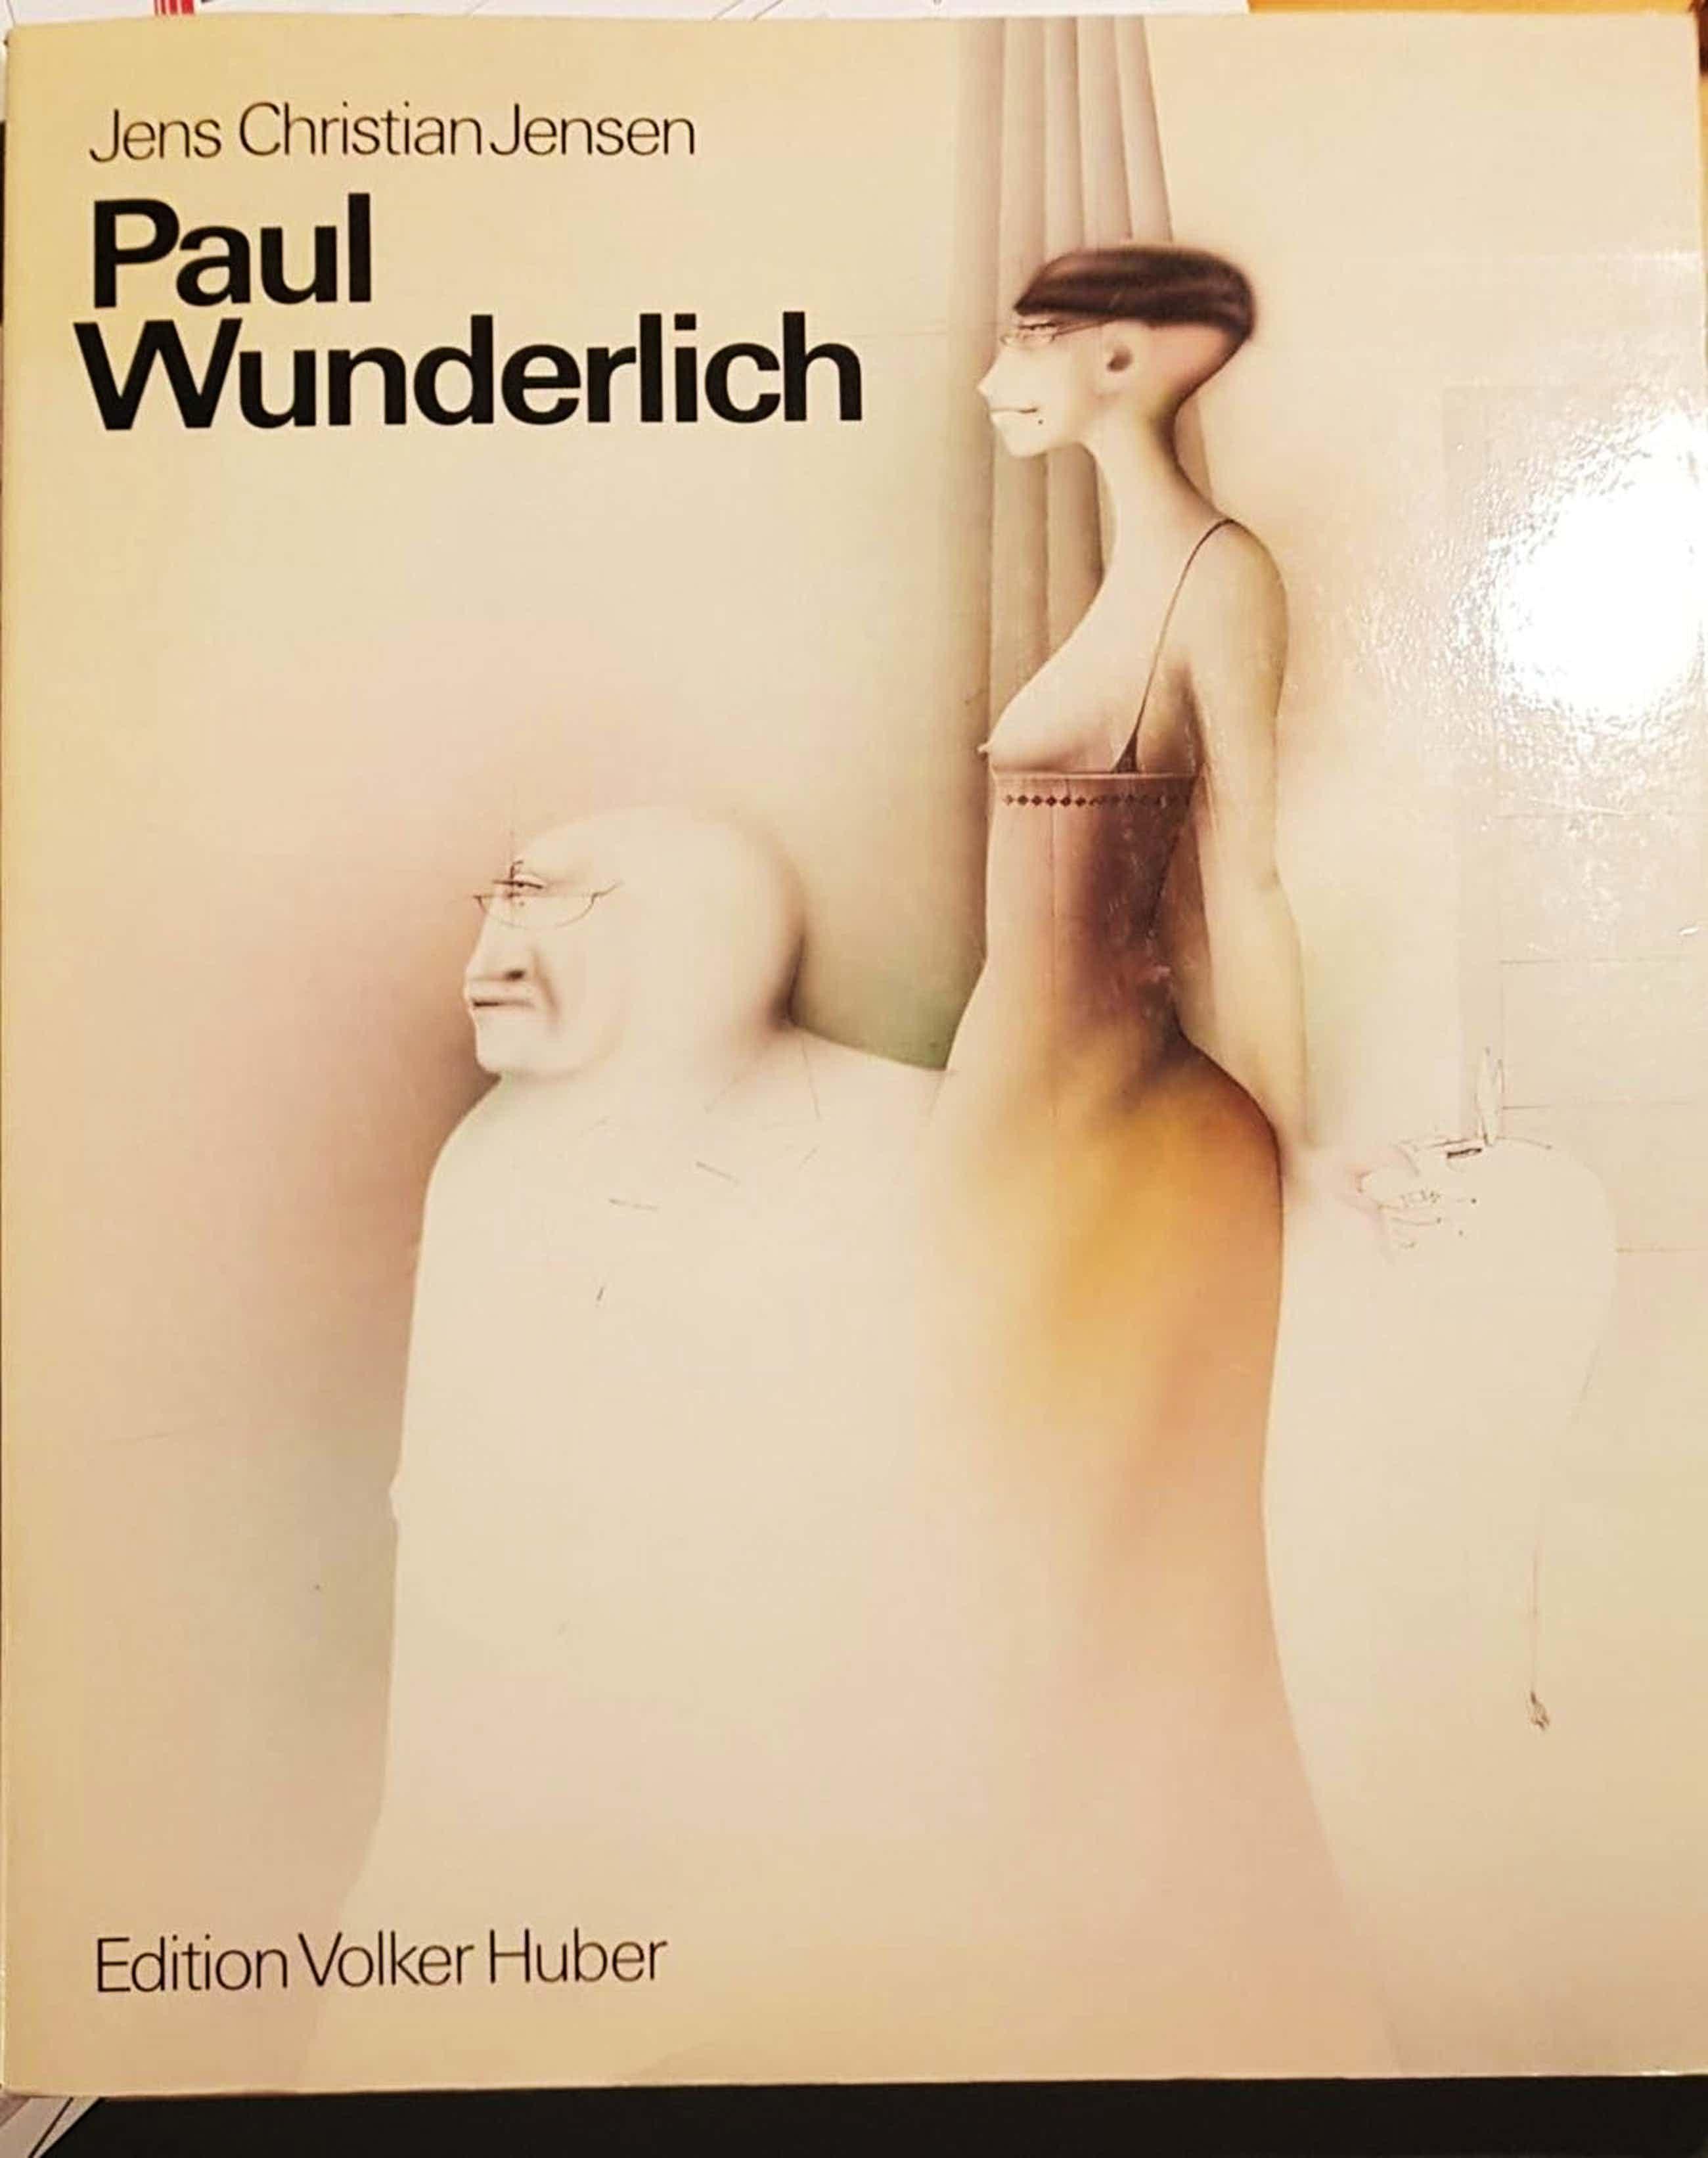 Paul Wunderlich - Paul Wunderlich, eine Werkmonographie. Band 1 kopen? Bied vanaf 50!